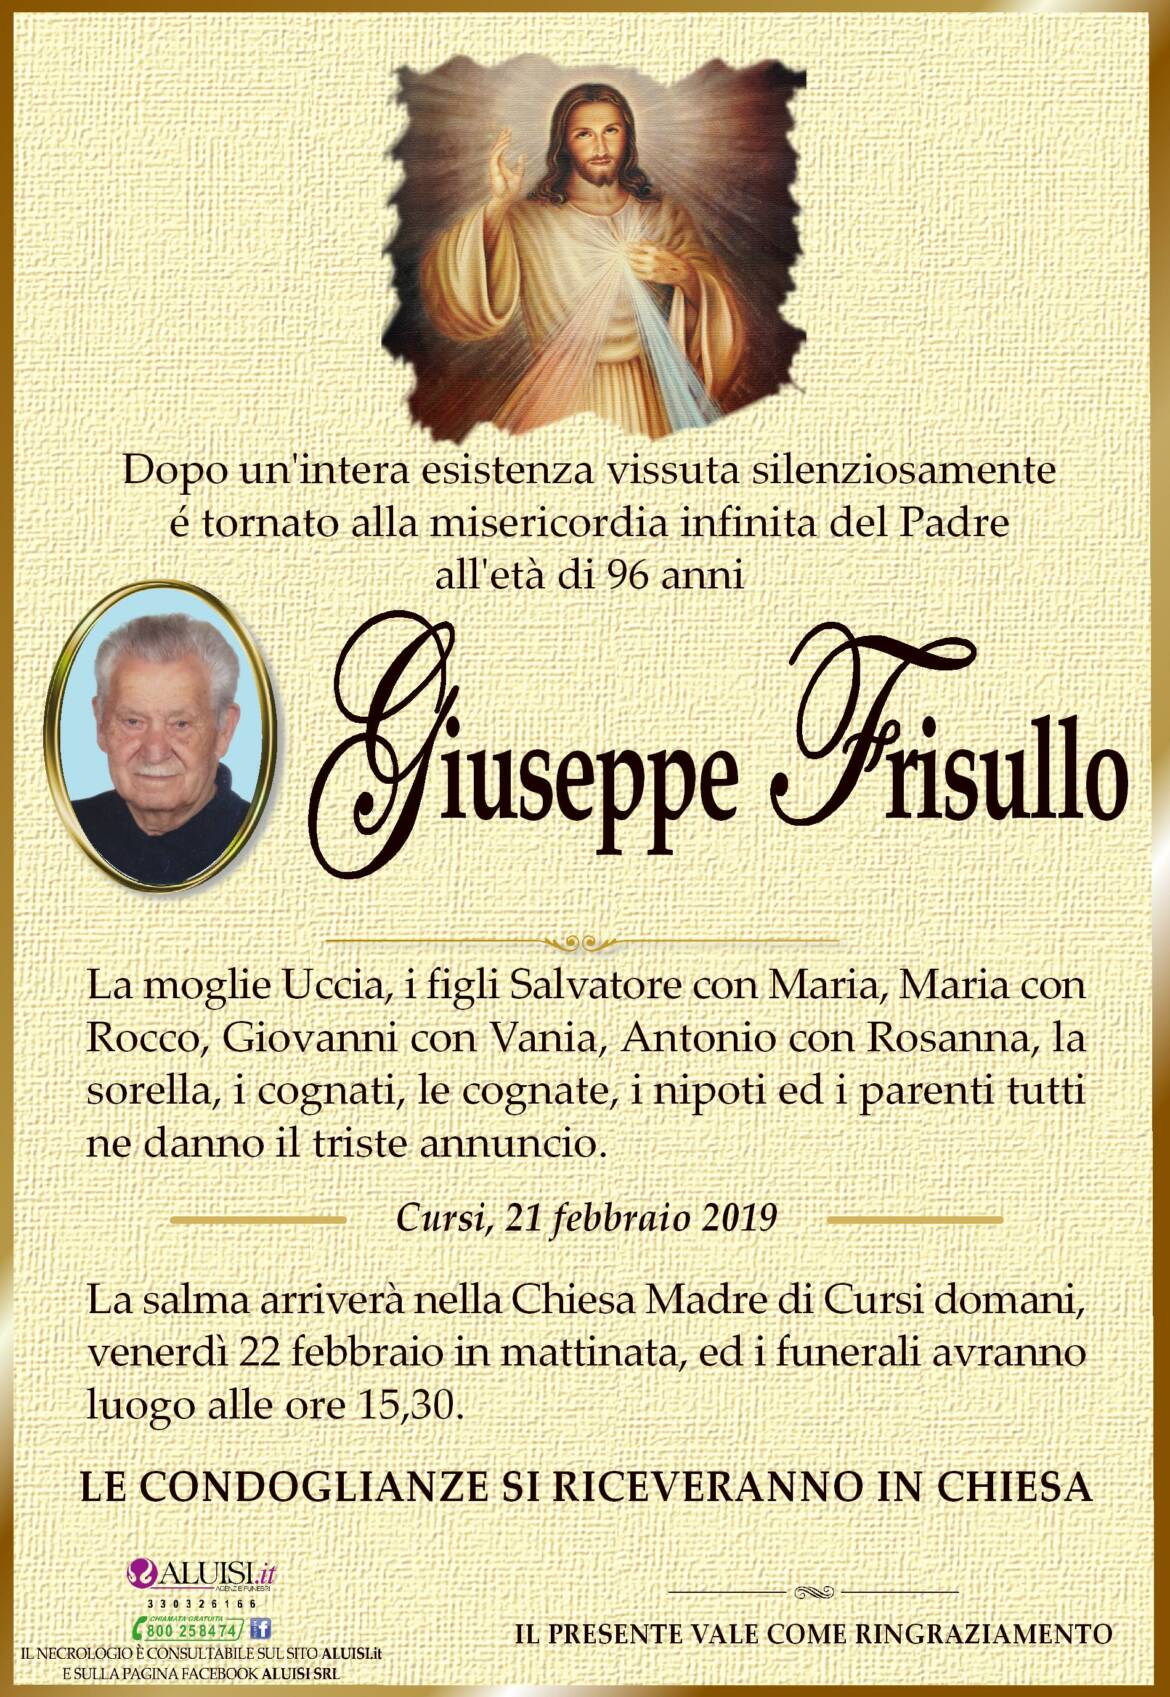 ANNUNCIO-GIUSEPPE-FRISULLO-FB.jpg